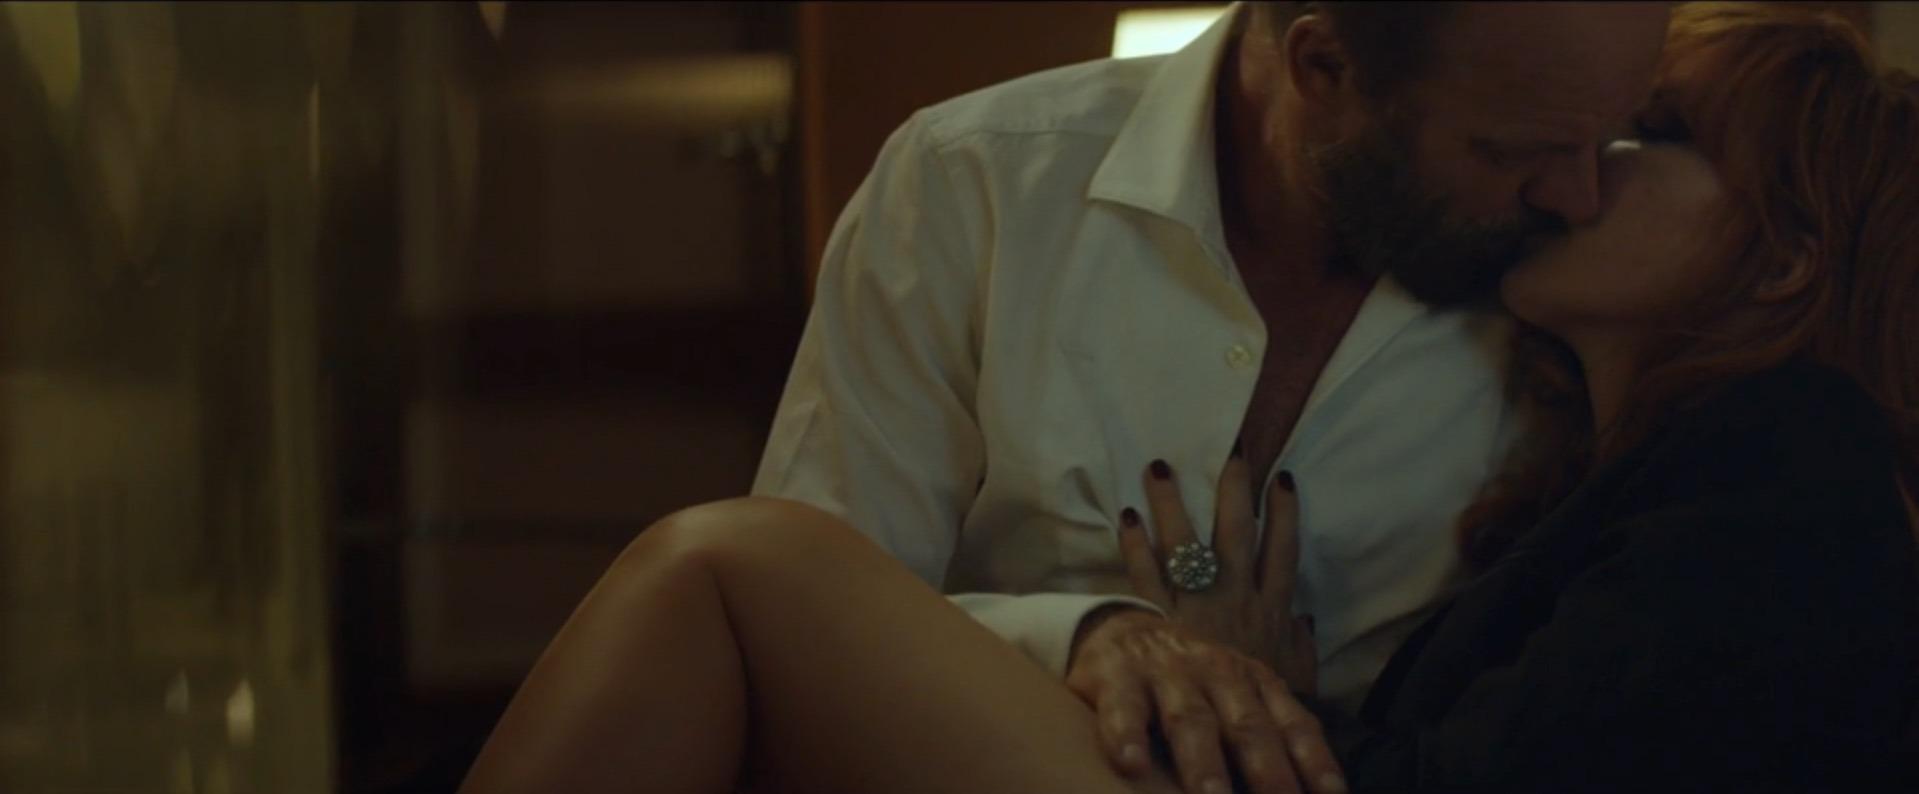 «Stolen car» : Le clip sexy de Mylène Farmer et Sting dévoilé